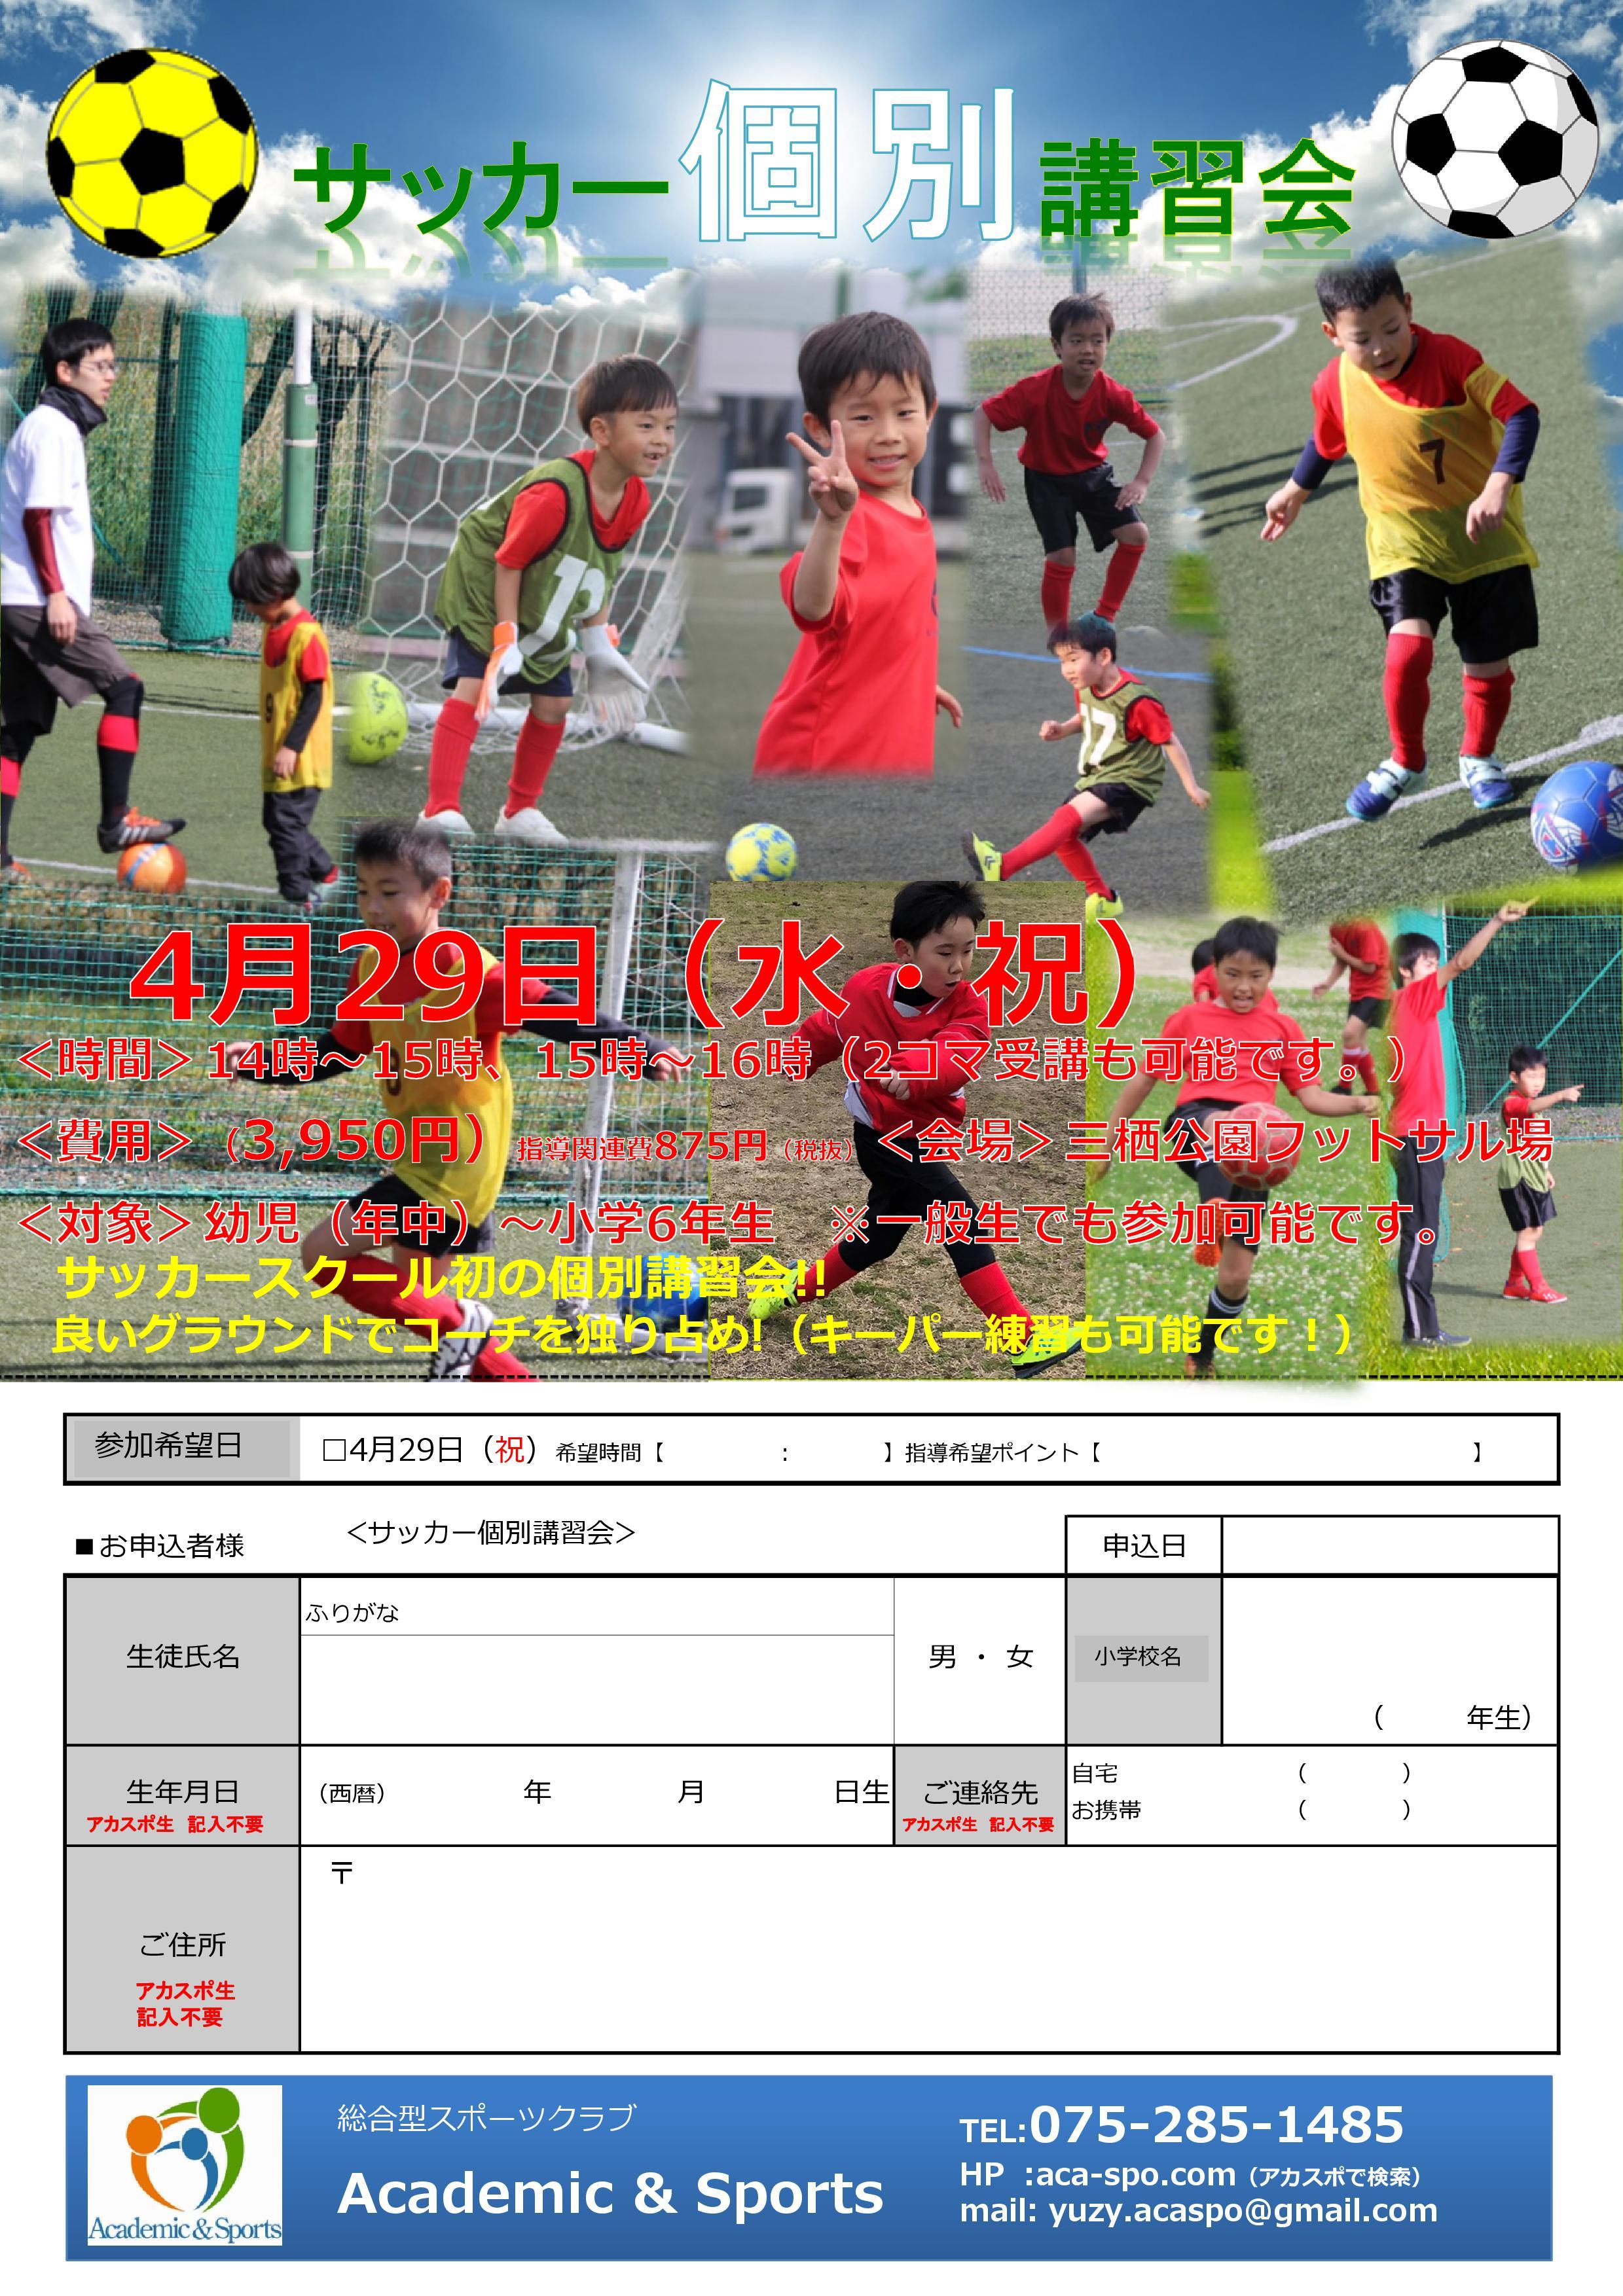 【サッカースクール】サッカー個別講習会